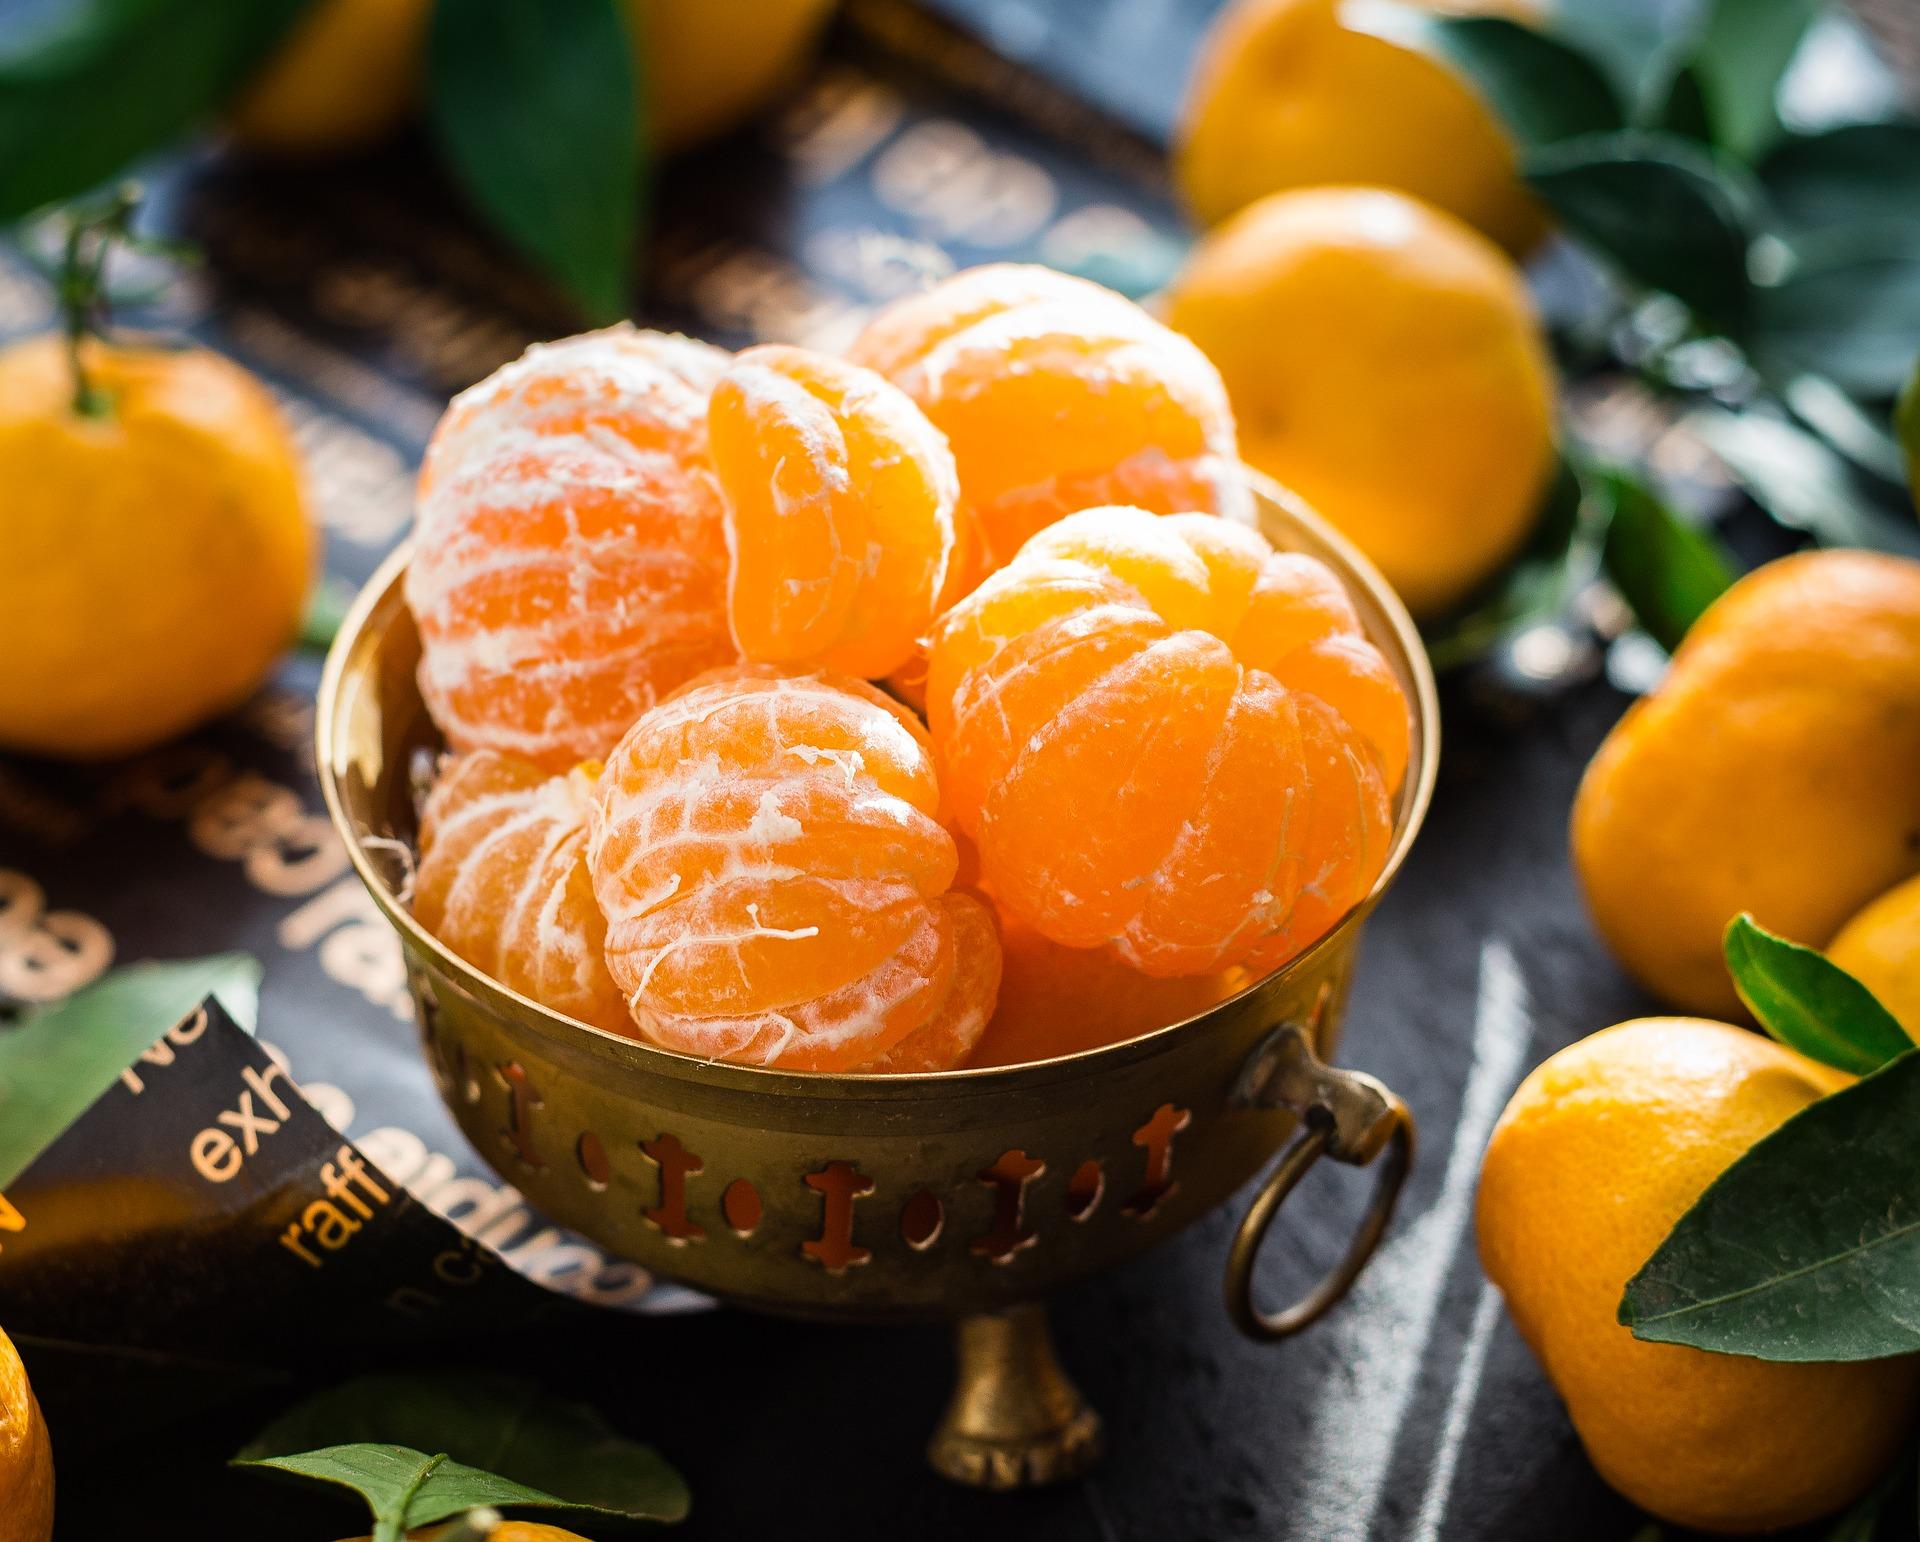 Mandarini ripieni di crema al mandarino